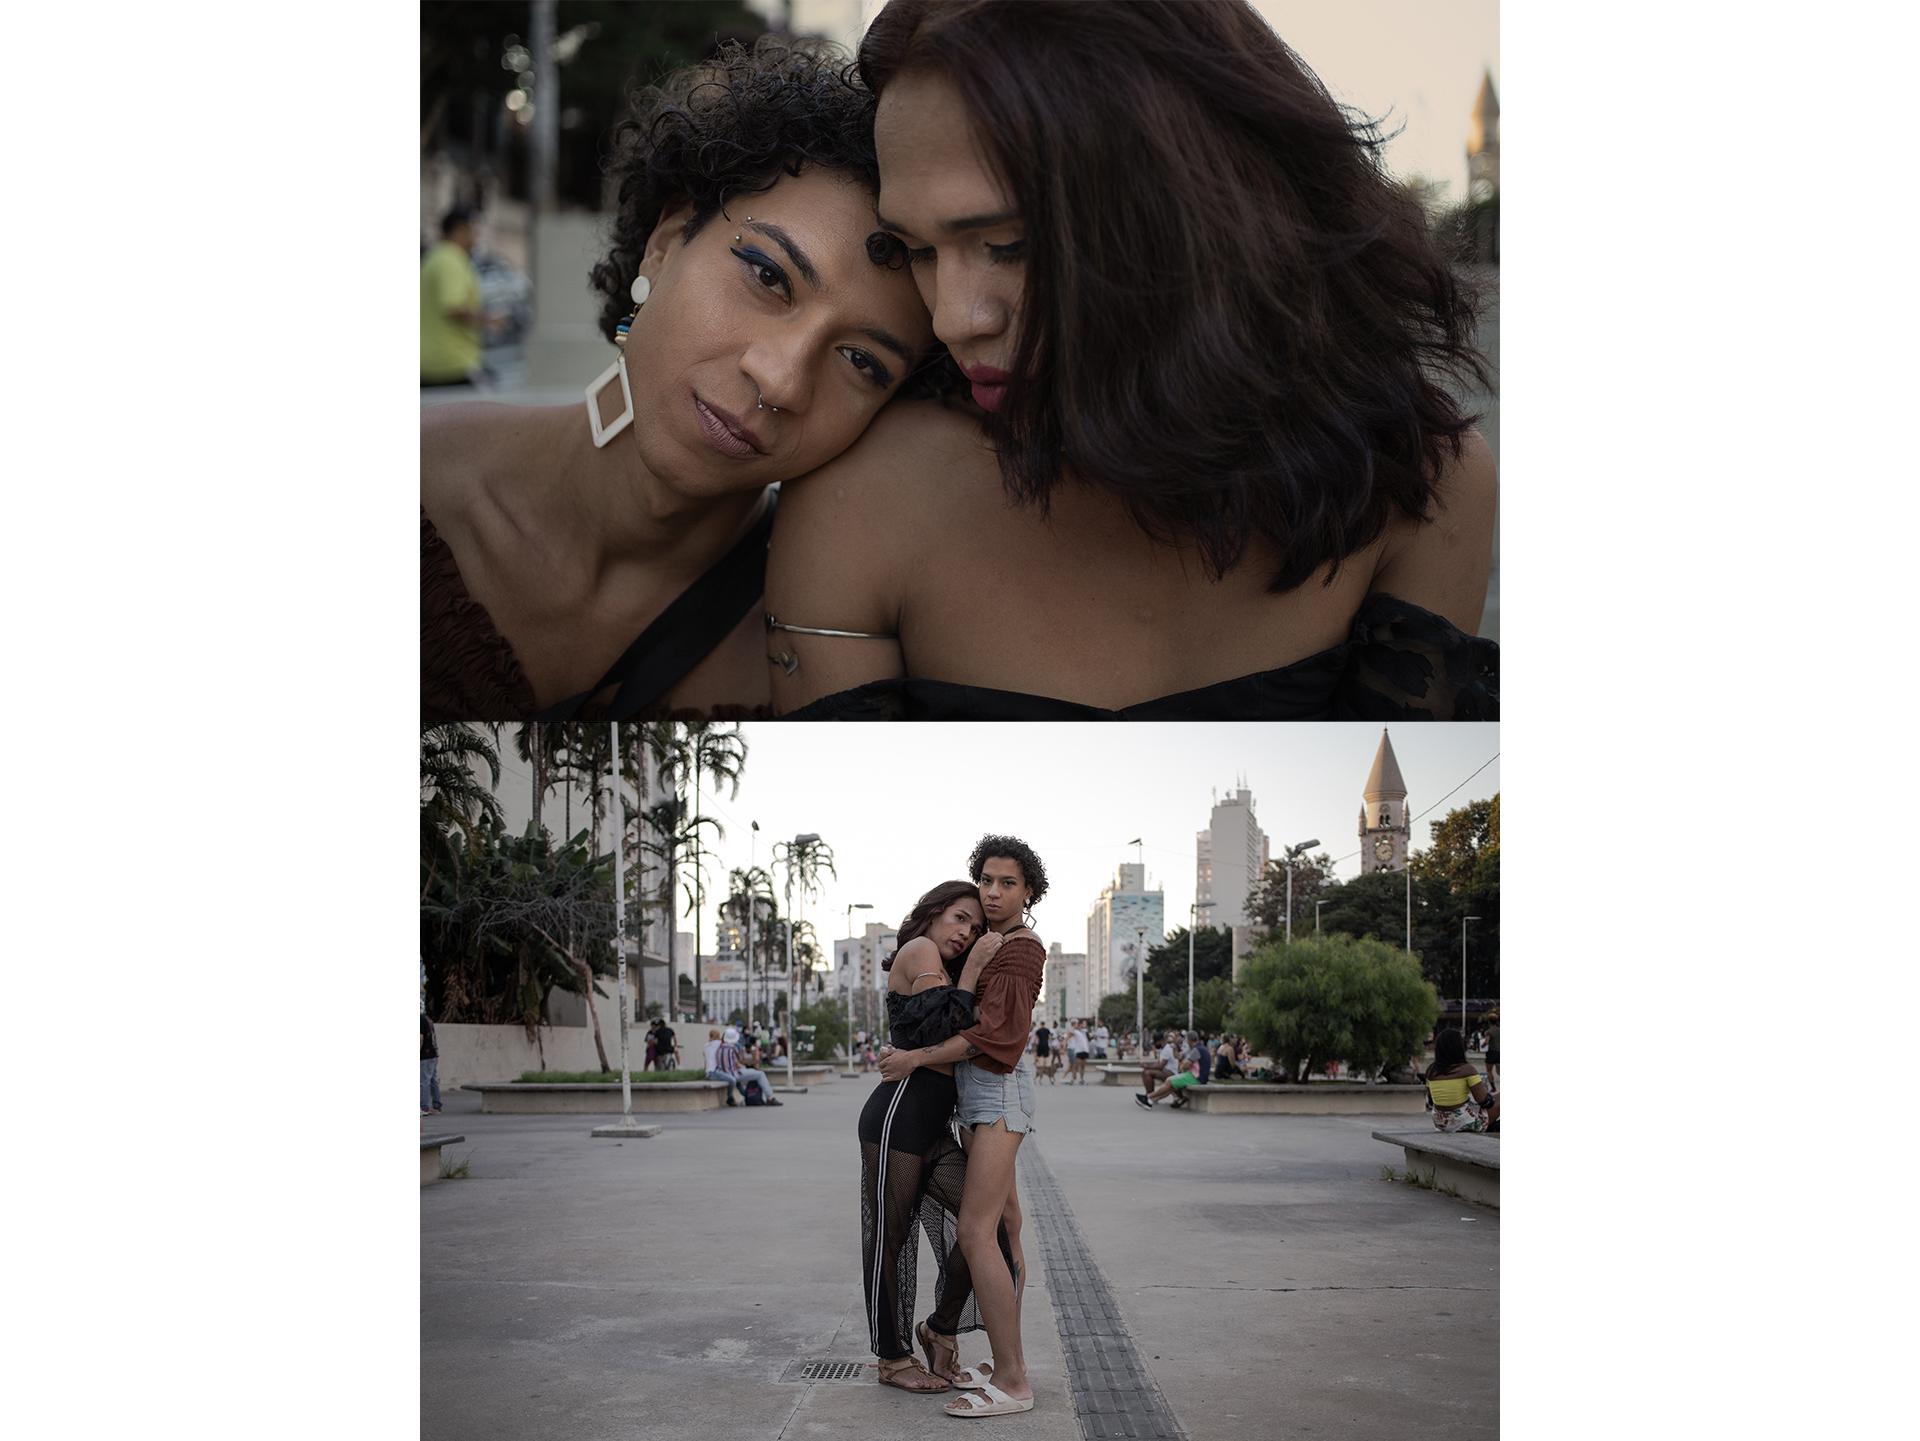 Bárbara (22) e Mirella Santos (22) posam para retrato durante passeio na Praça Roosevelt. Mirella teve sua primeira relação lésbica com Bárbara, antes do relacionamento ela só tinha se relacionado com homens.